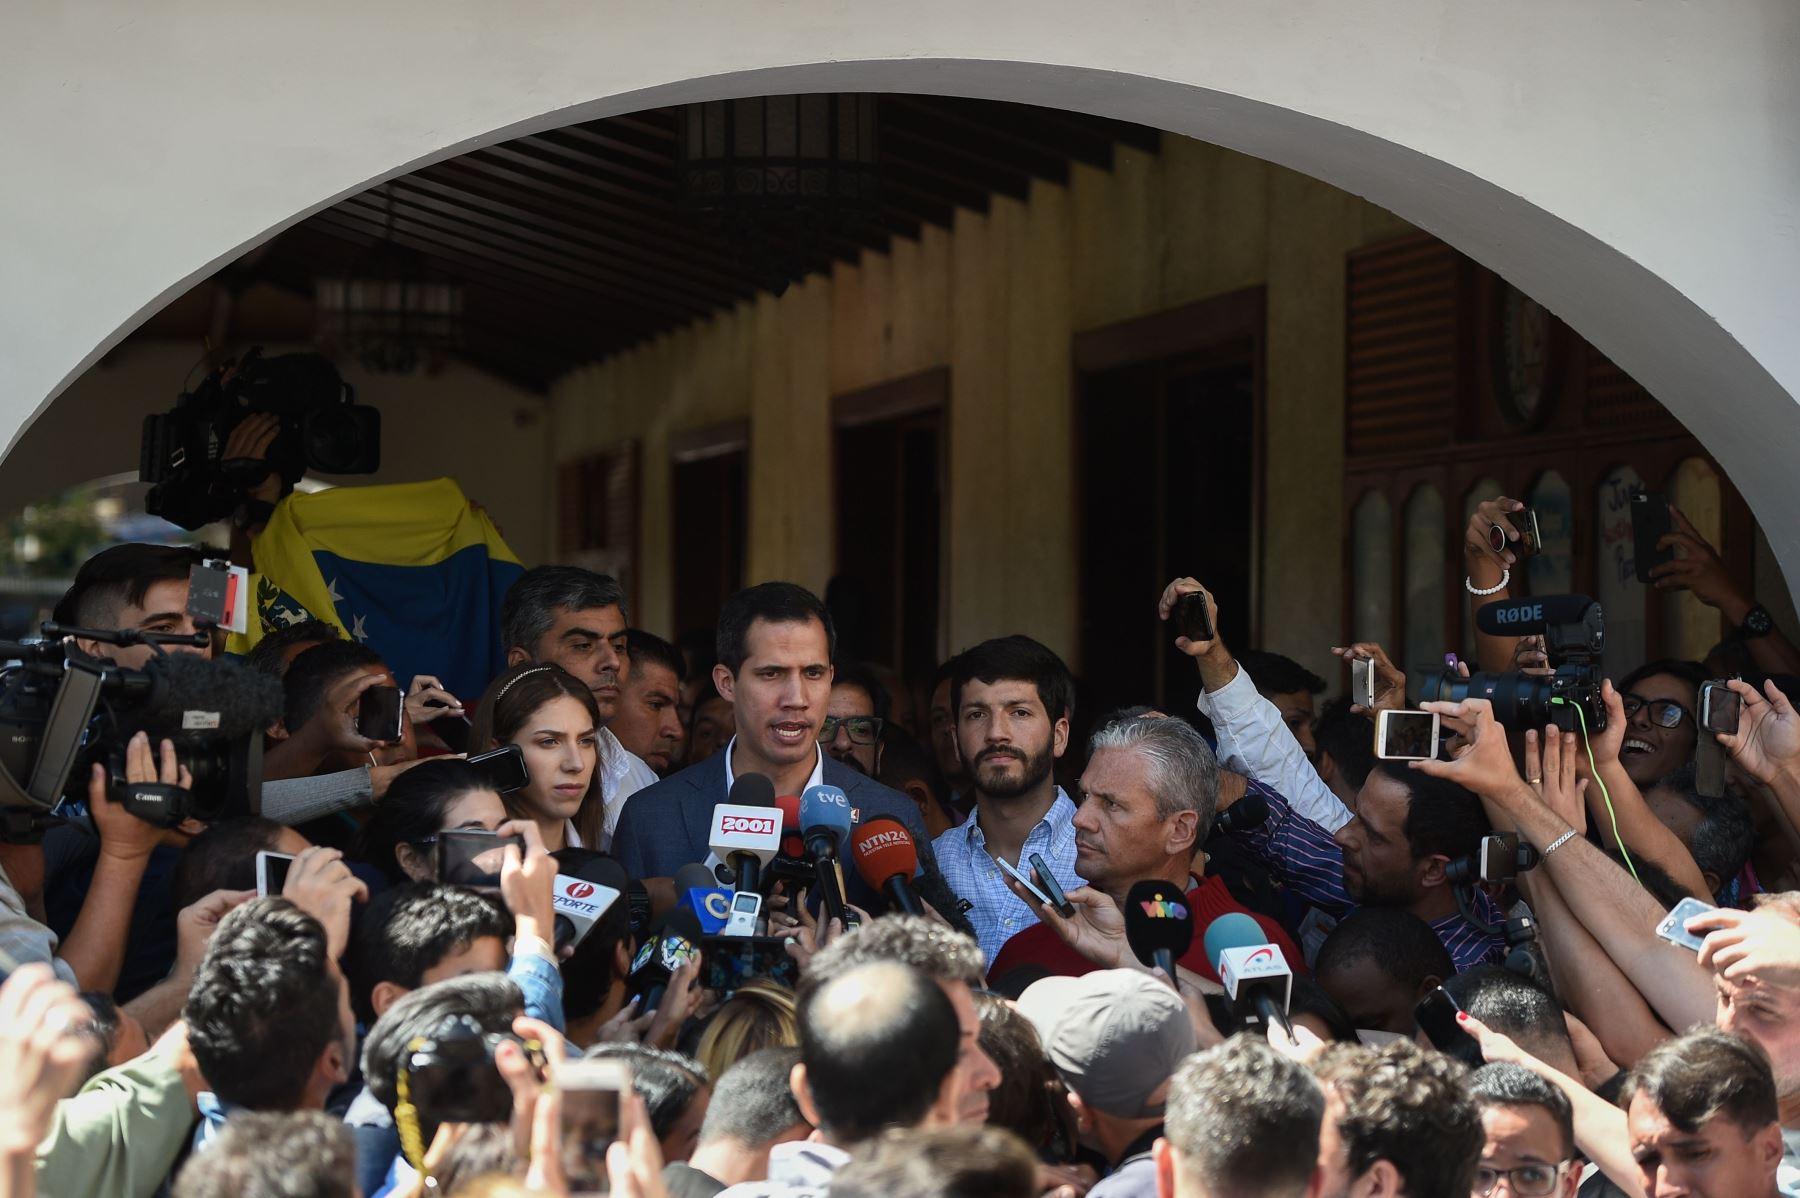 El jefe de la Asamblea Nacional de Venezuela y el autoproclamado presidente interino Juan Guaido (C) habla a la prensa junto a su esposa, Fabiana Rosales (L), después de asistir a una misa en la iglesia de Nuestra Señora Guadalupe en Caracas el 10 de febrero de 2019. Foto: AFP